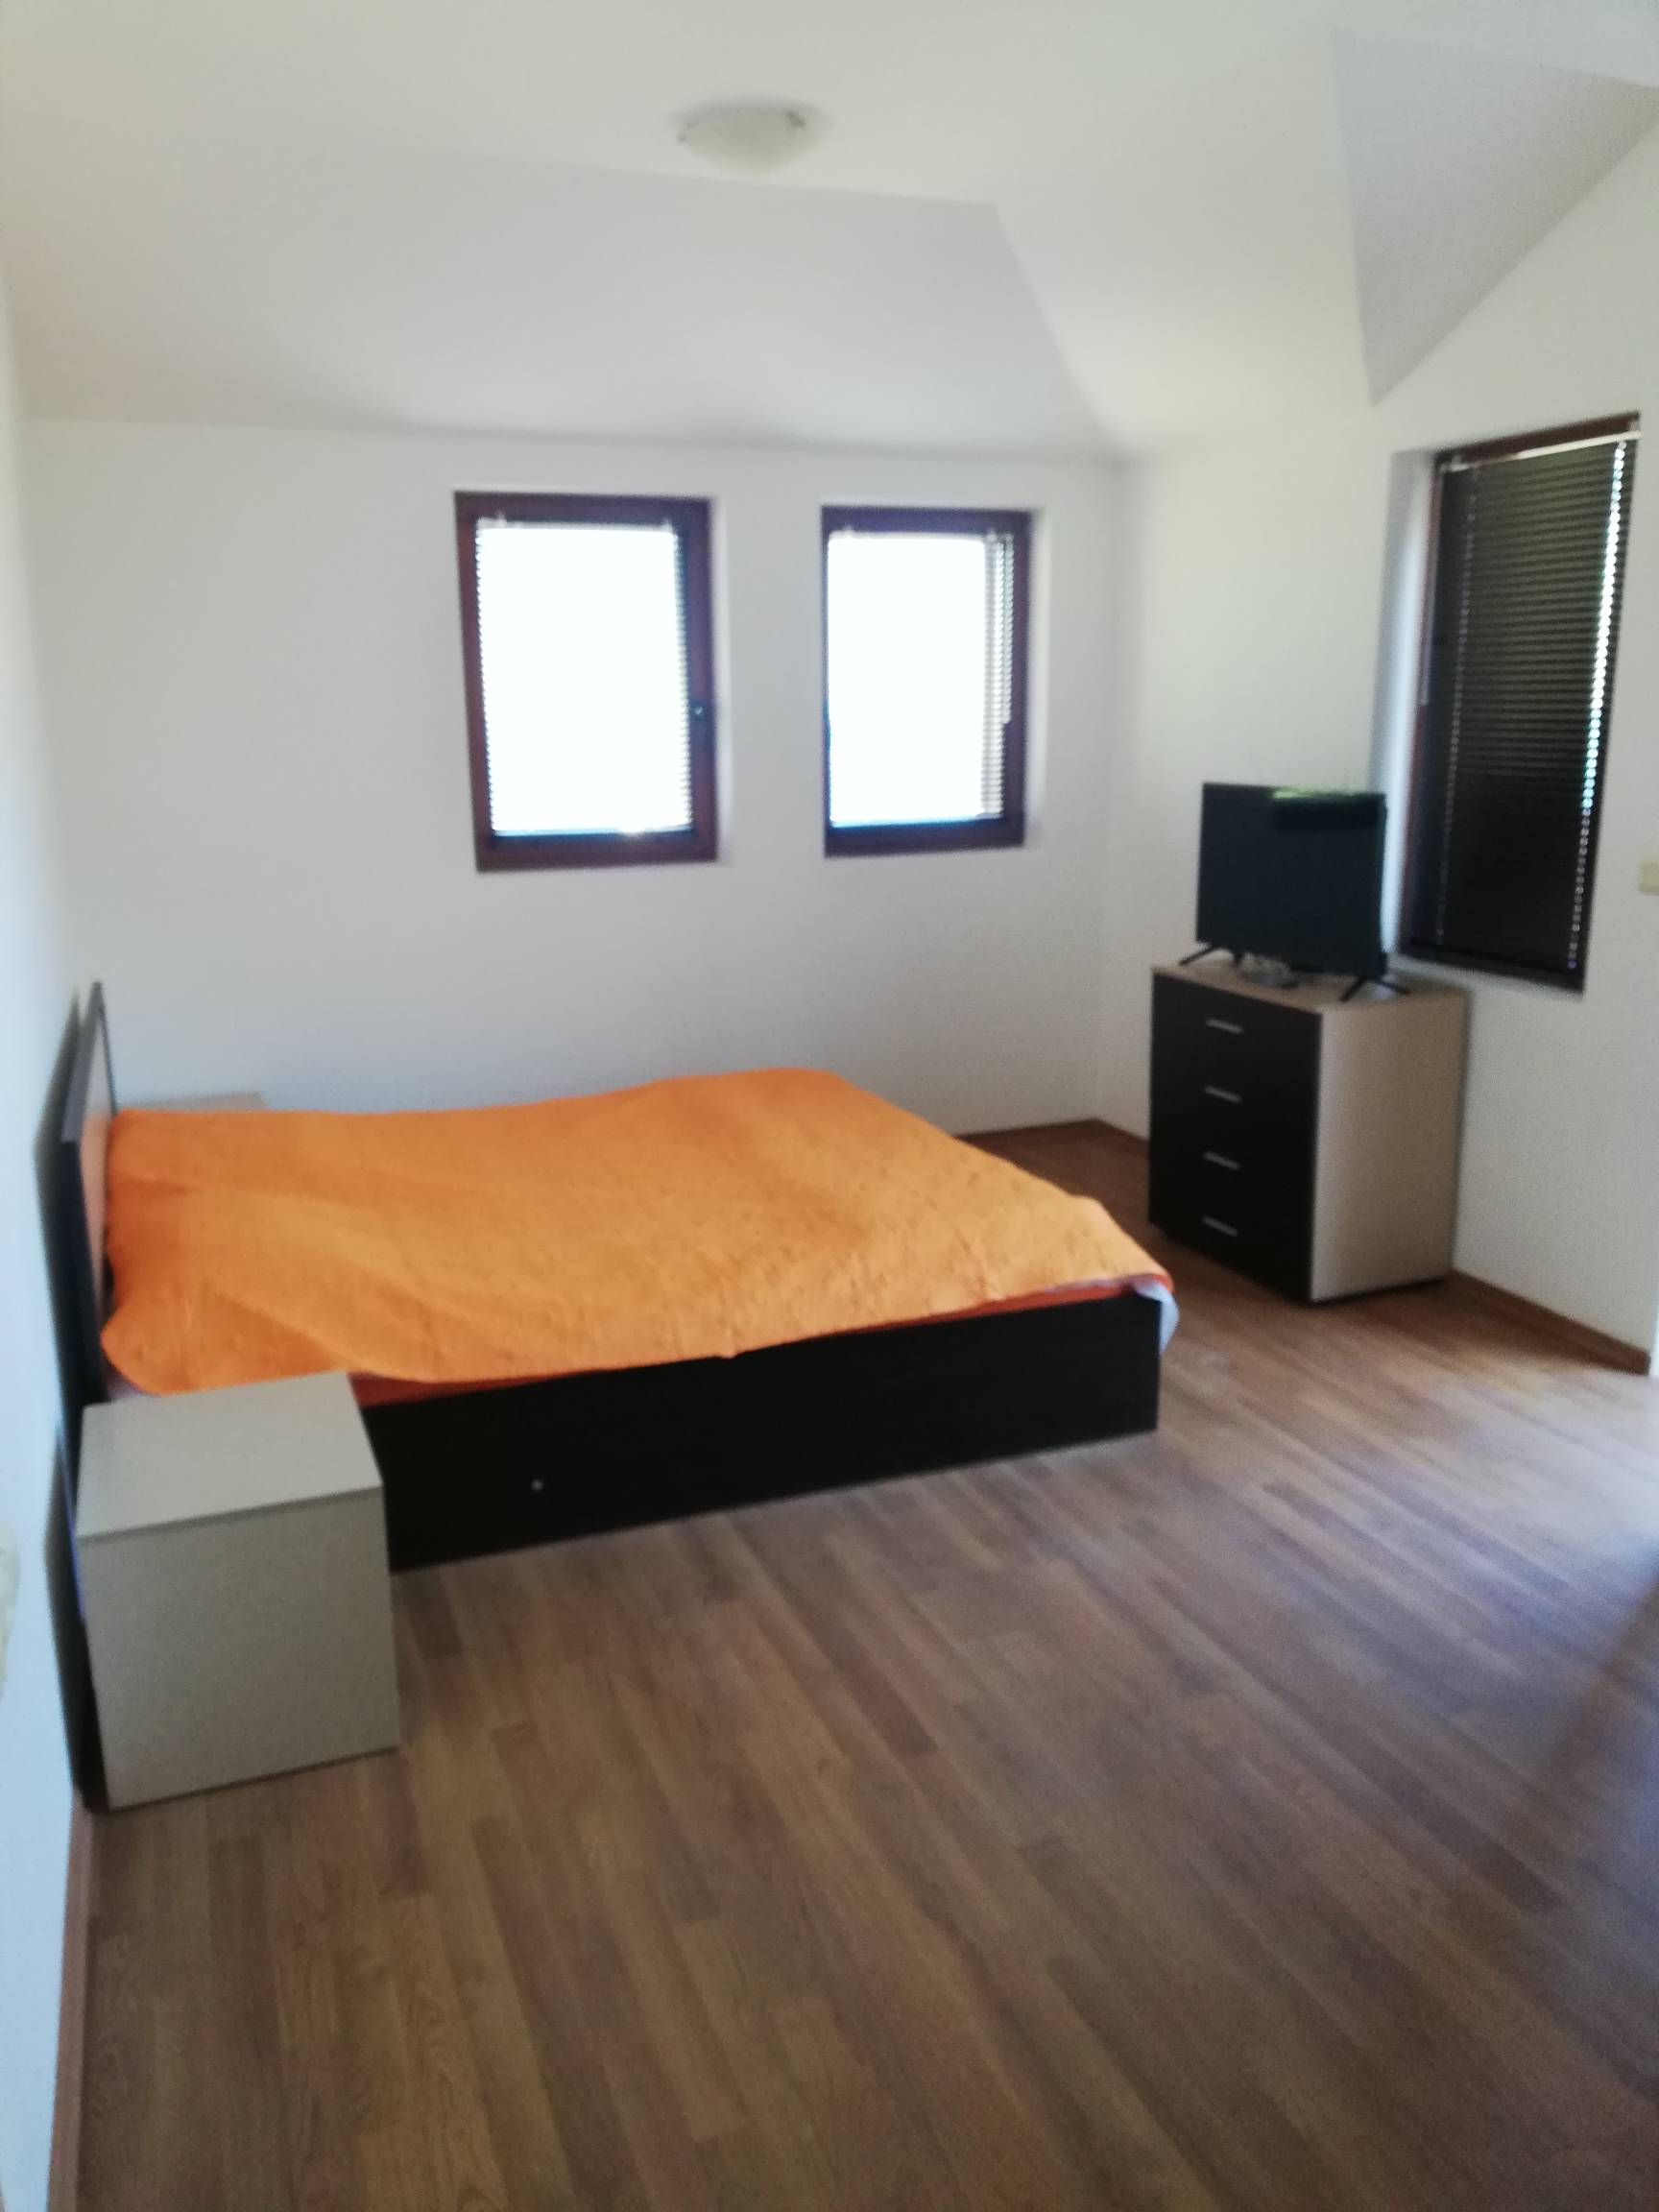 Apartment №10